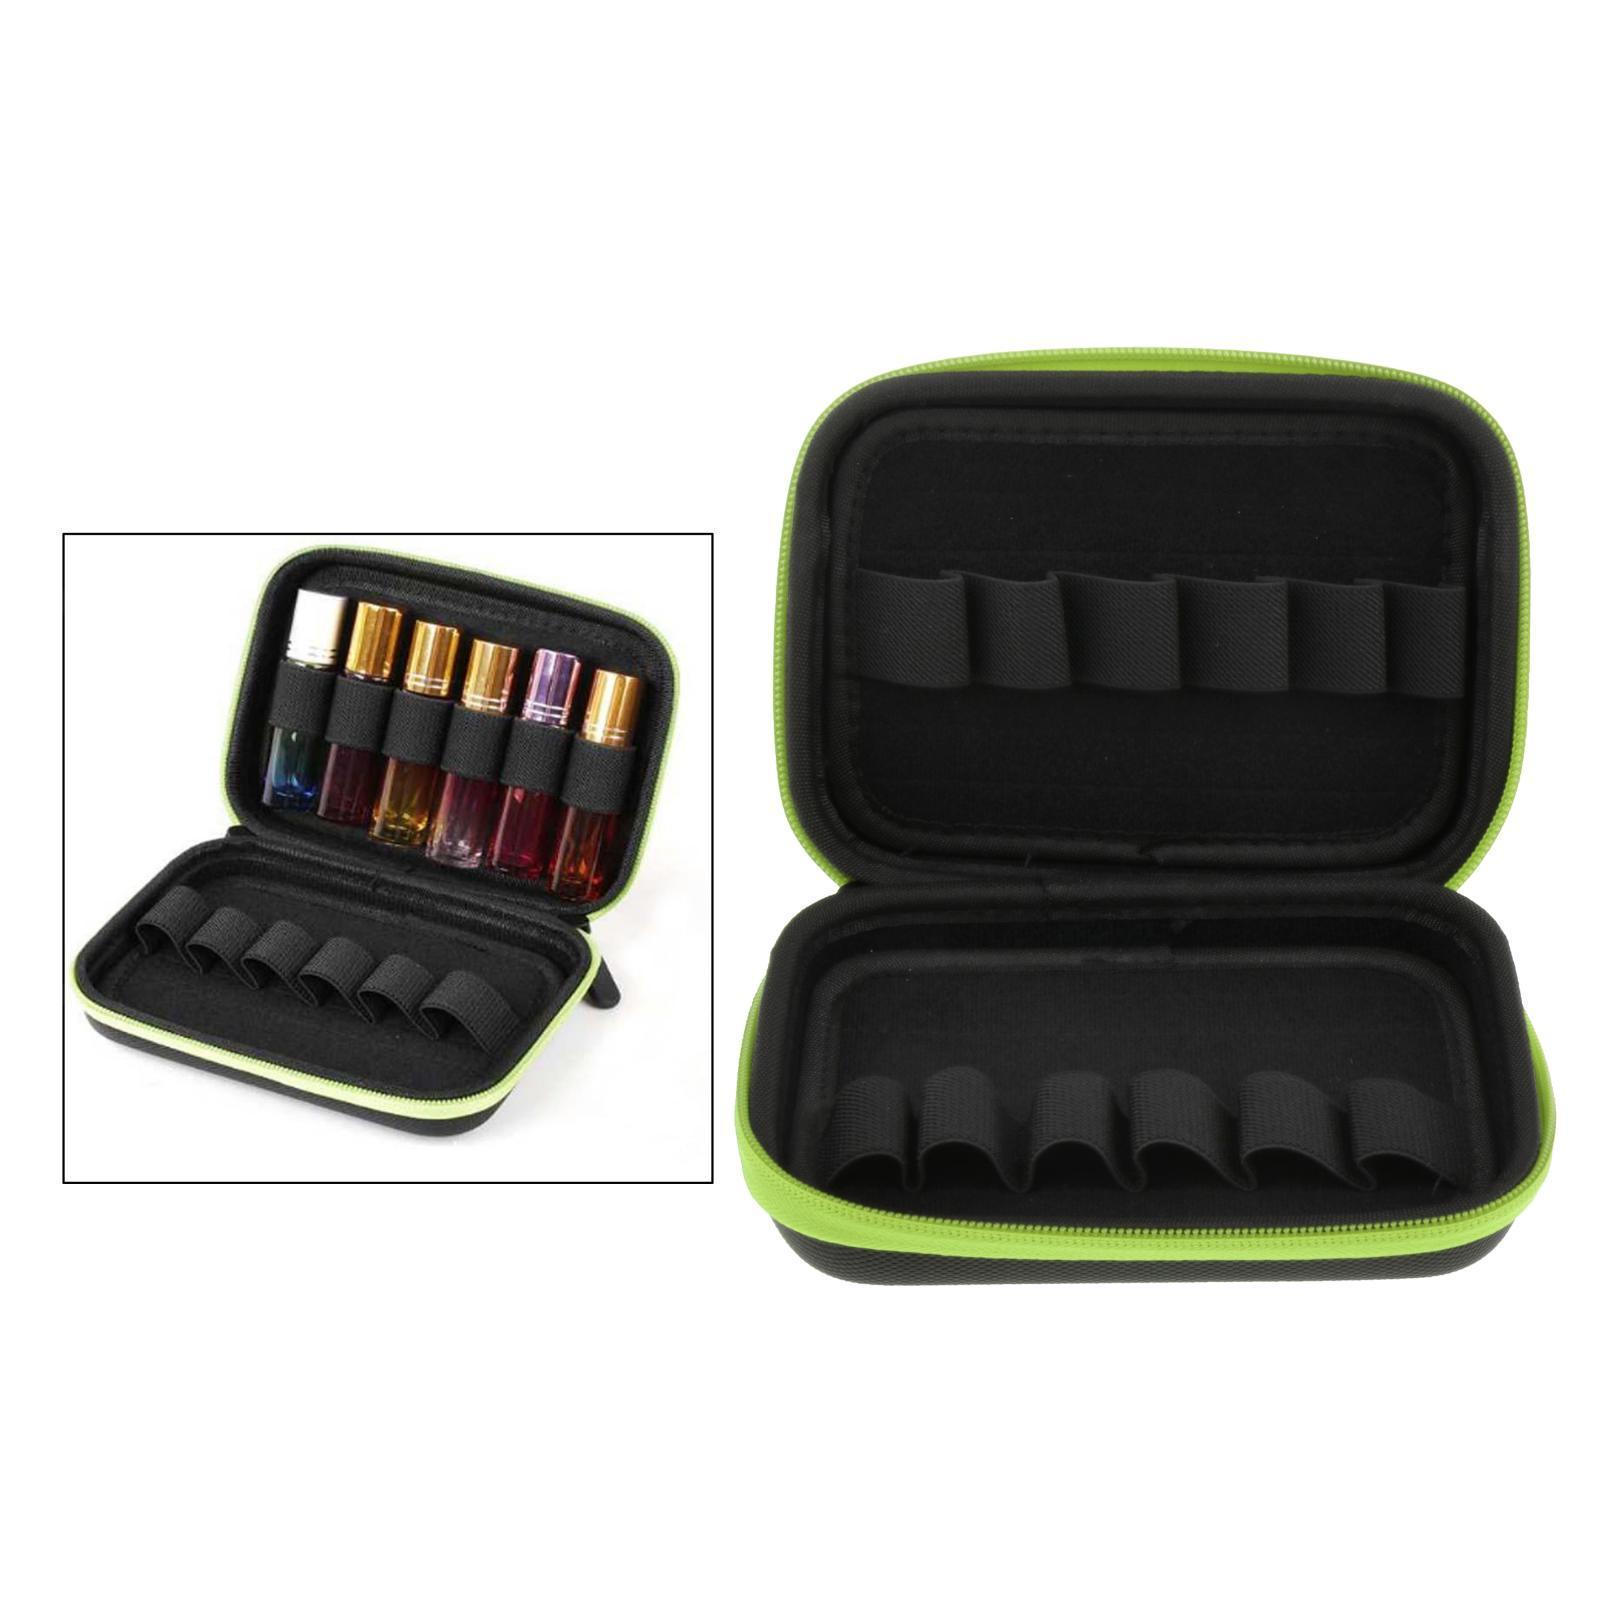 Sacchetto-di-olio-essenziale-custodia-da-viaggio-per-aromaterapia-da-10ml-per-12 miniatura 25